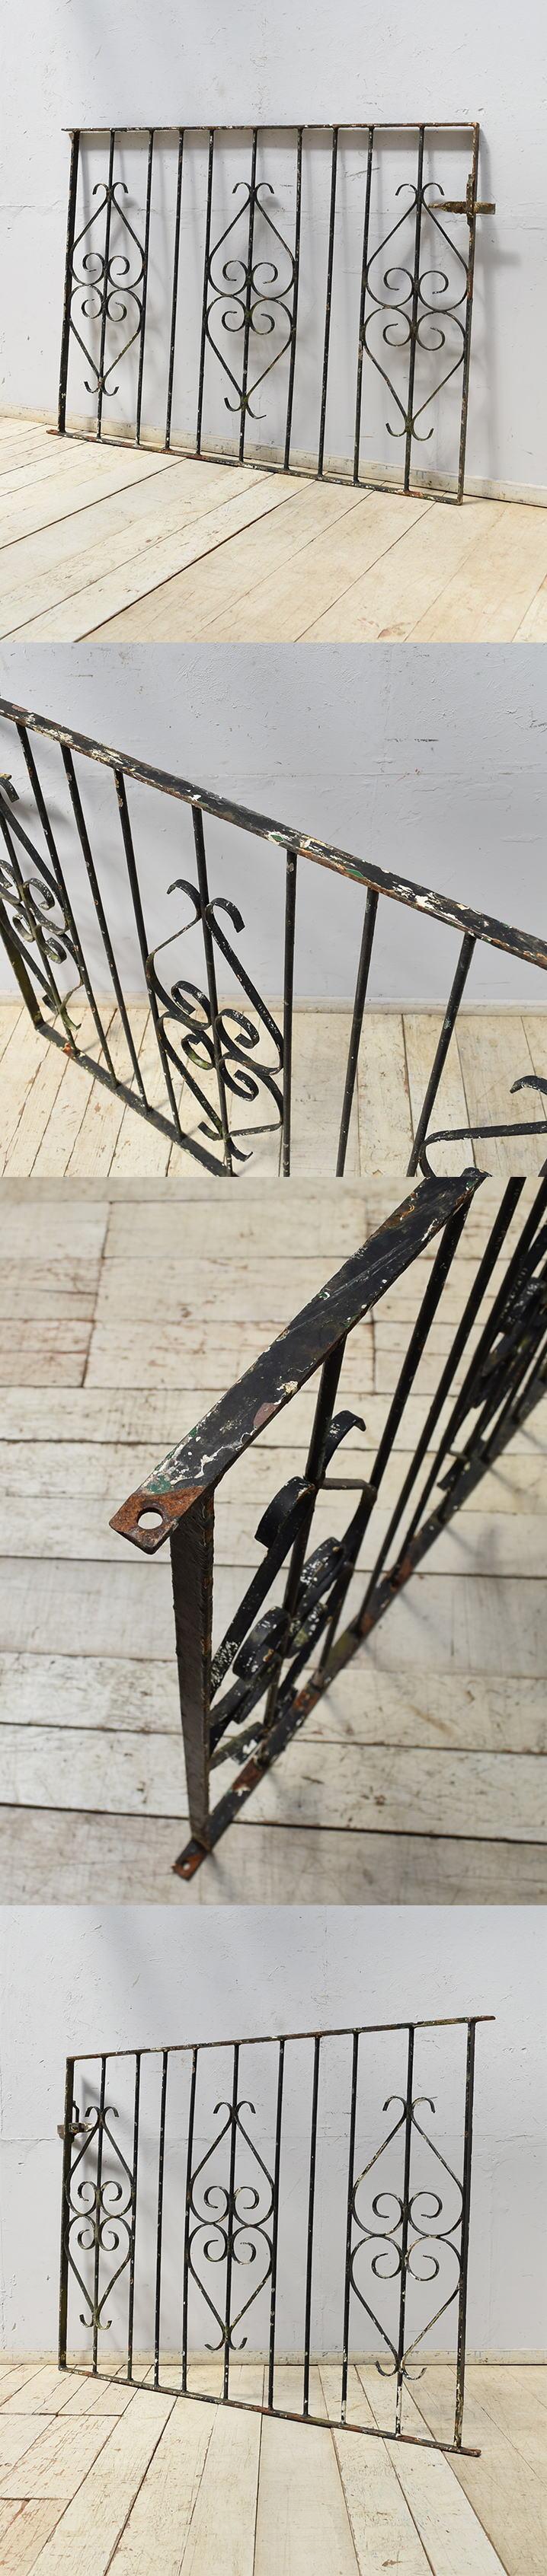 イギリスアンティーク アイアンフェンス ゲート柵 ガーデニング 6889